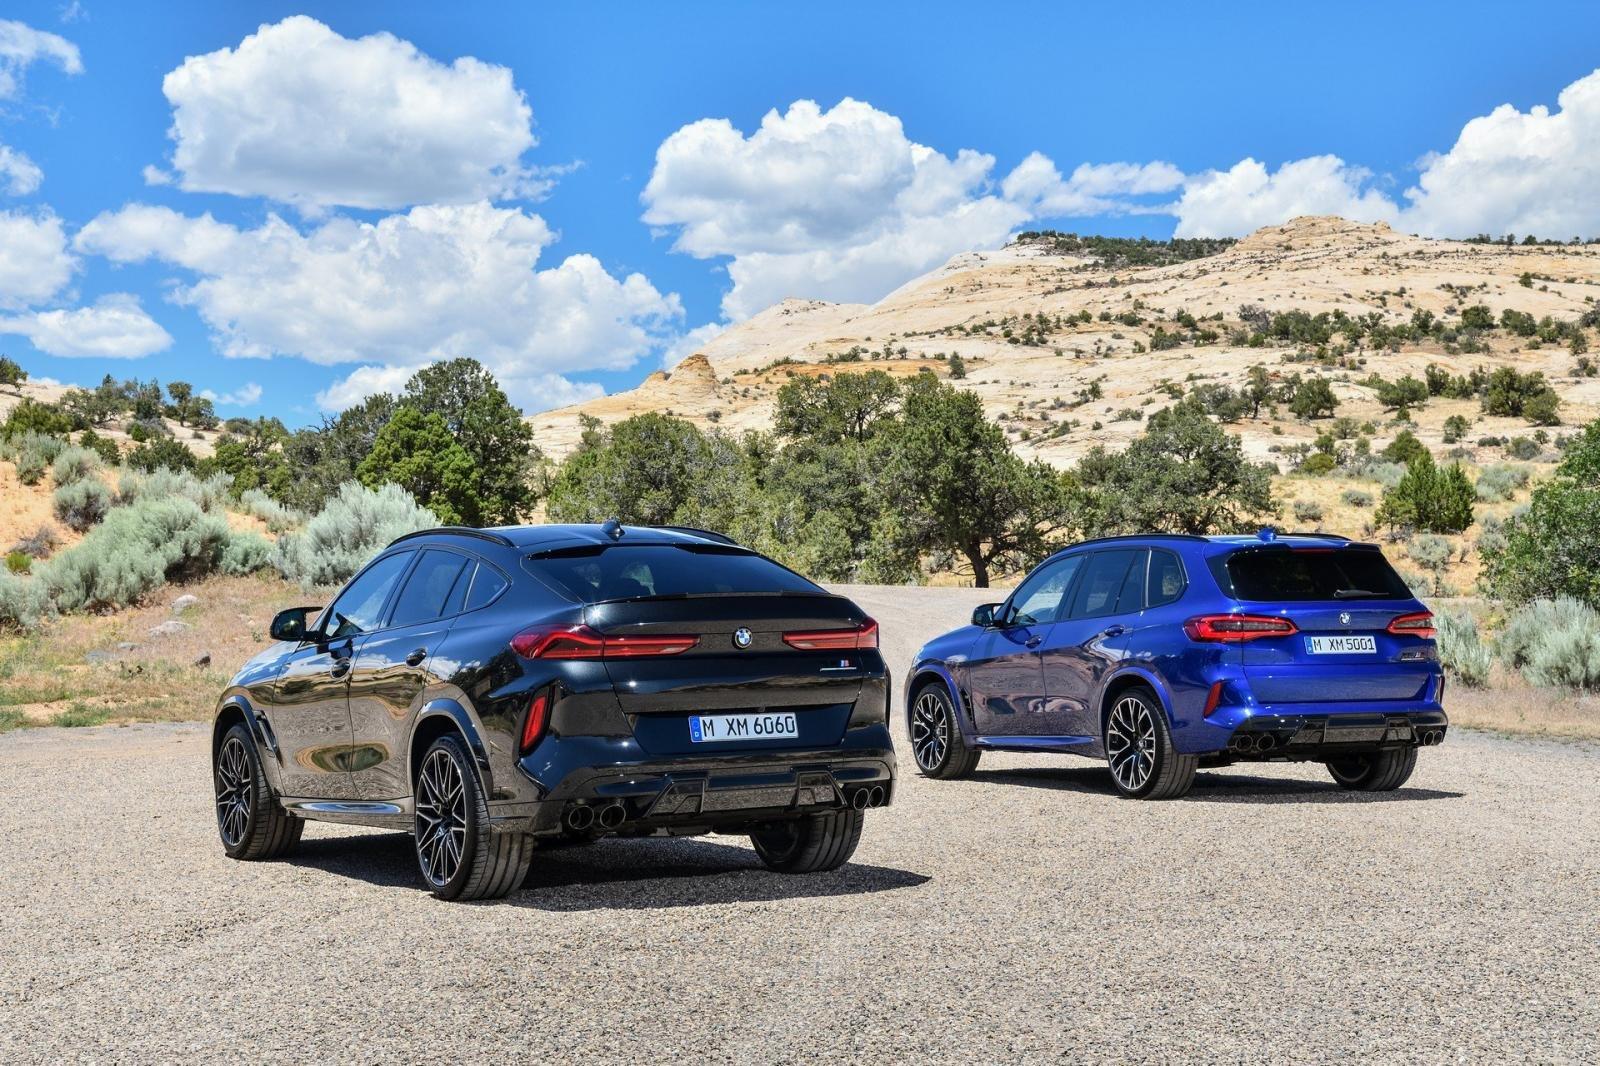 Đuôi xe BMW X5 M và X6 M 2020